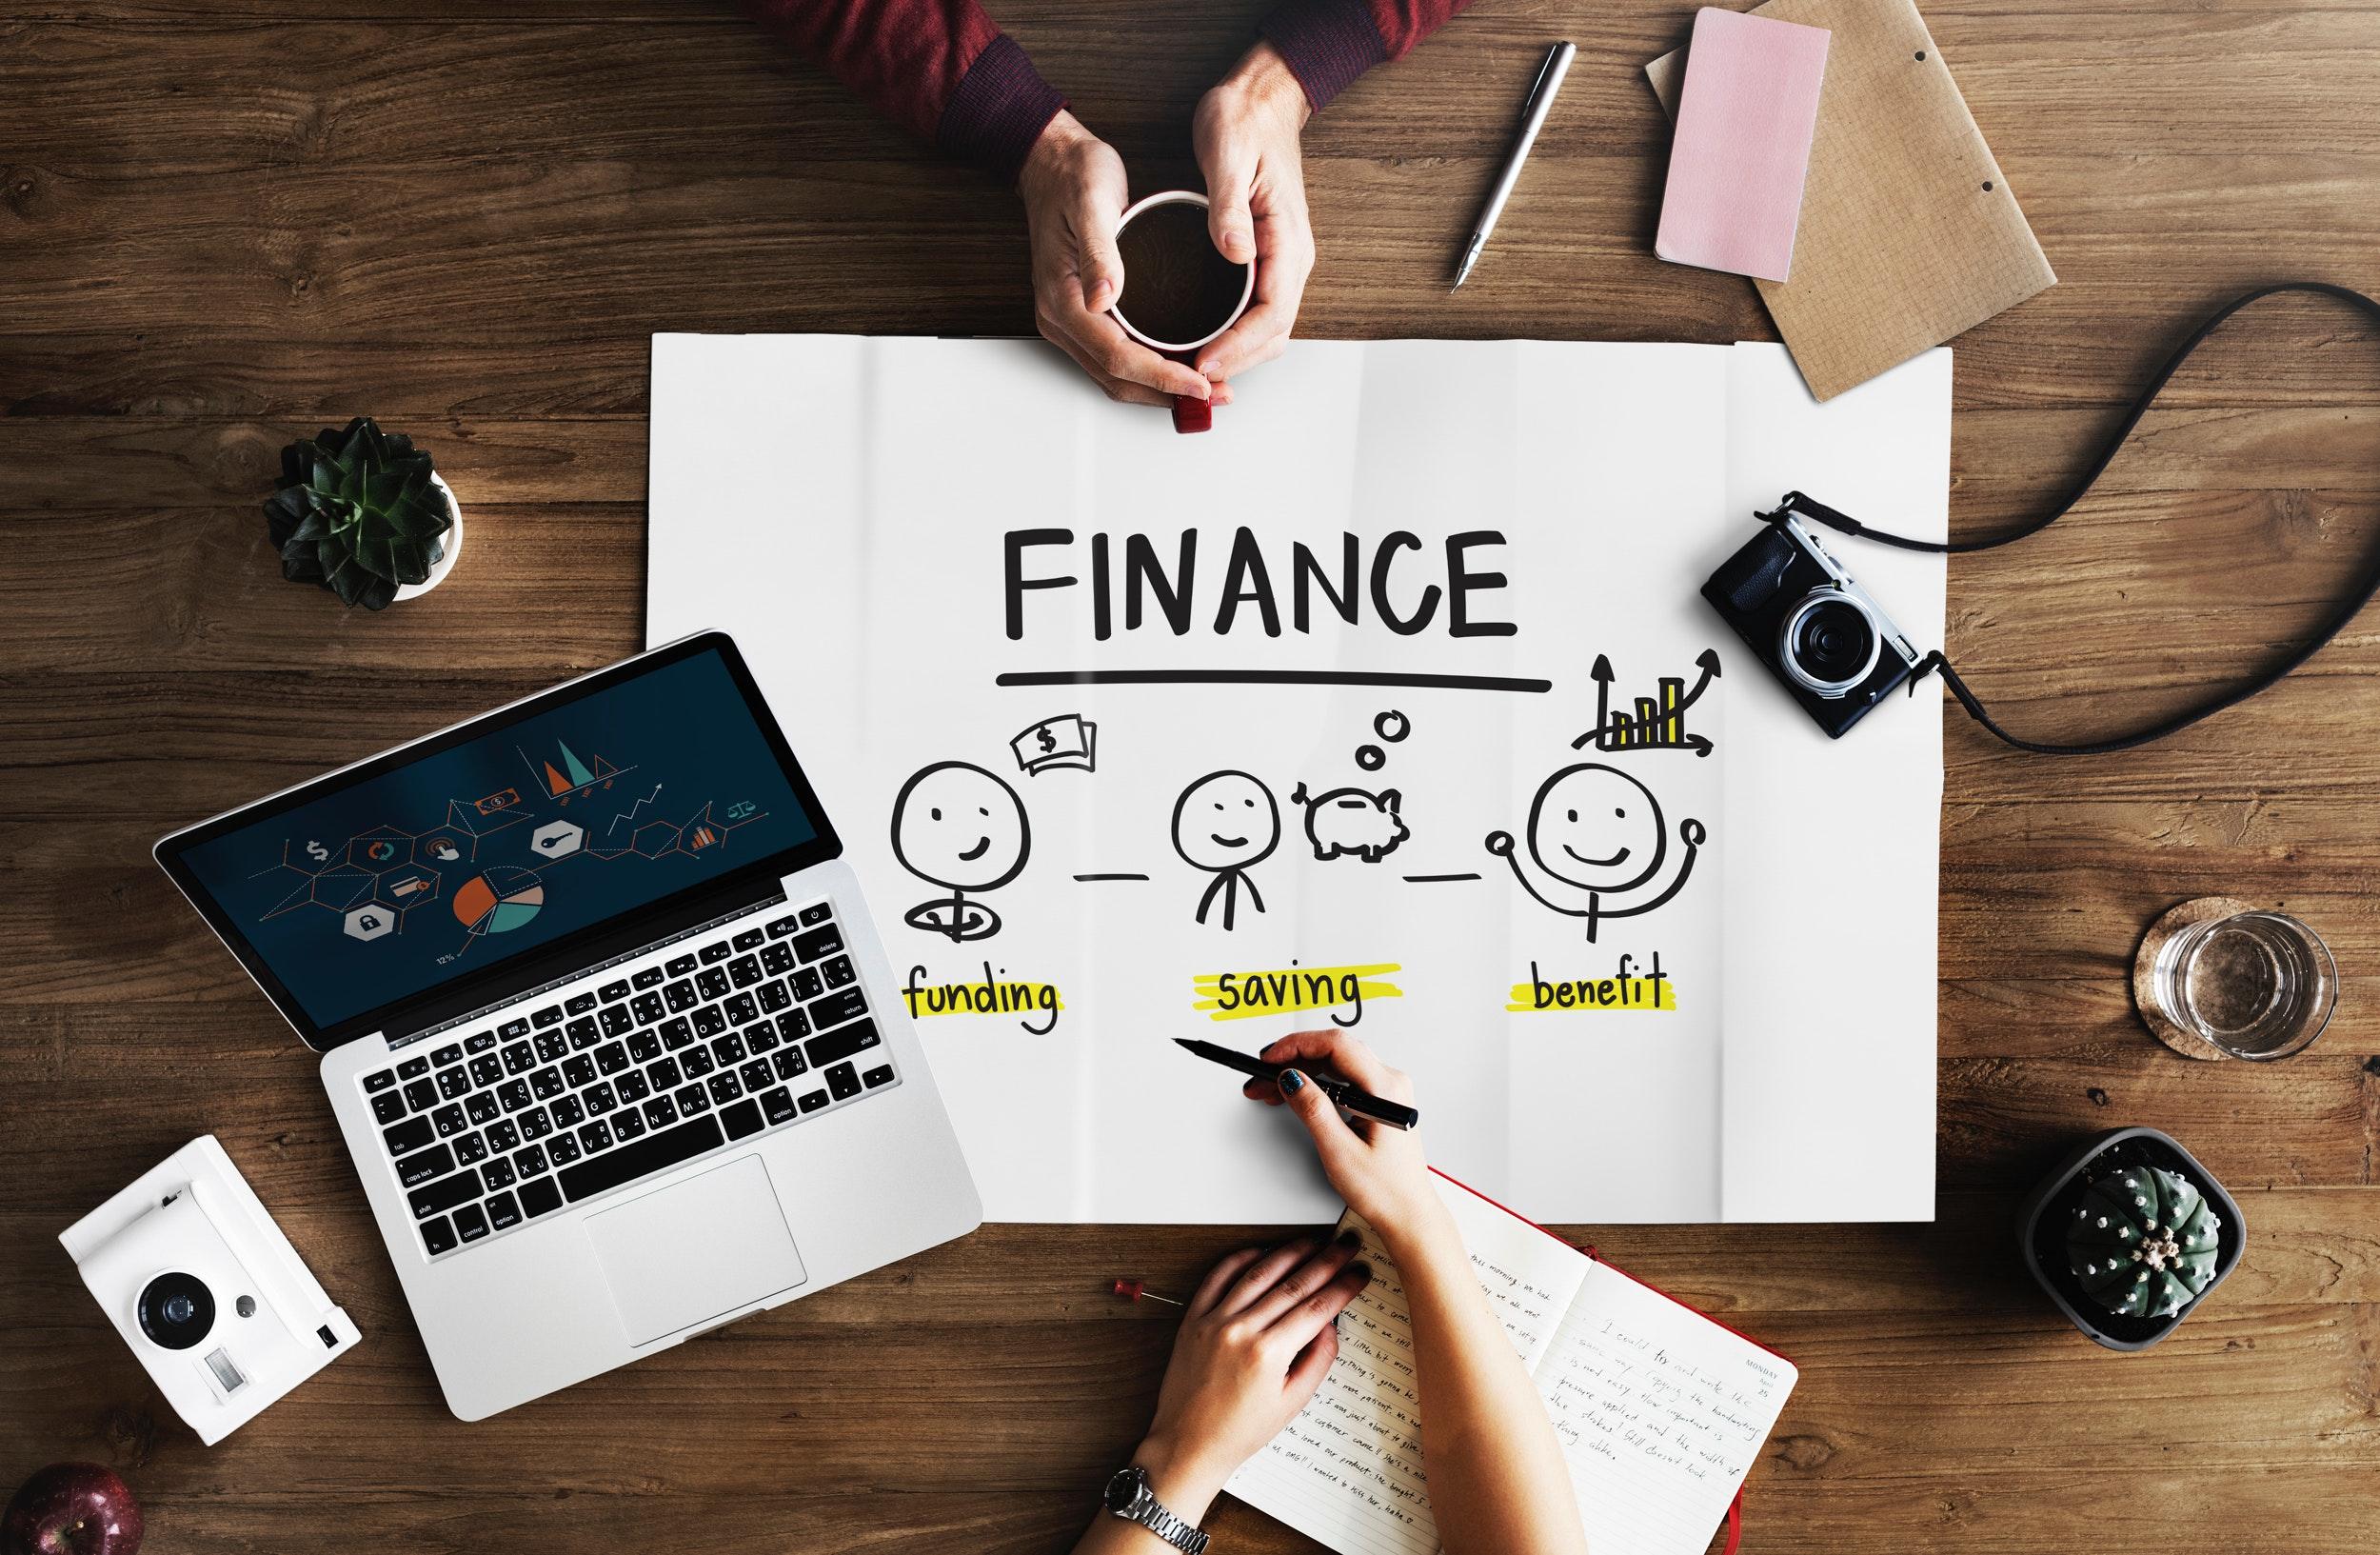 2018年7月23日    CFO養成のための実践型プログラム「ベンチャーCFO実践ゼミ」を8月25日に開講。